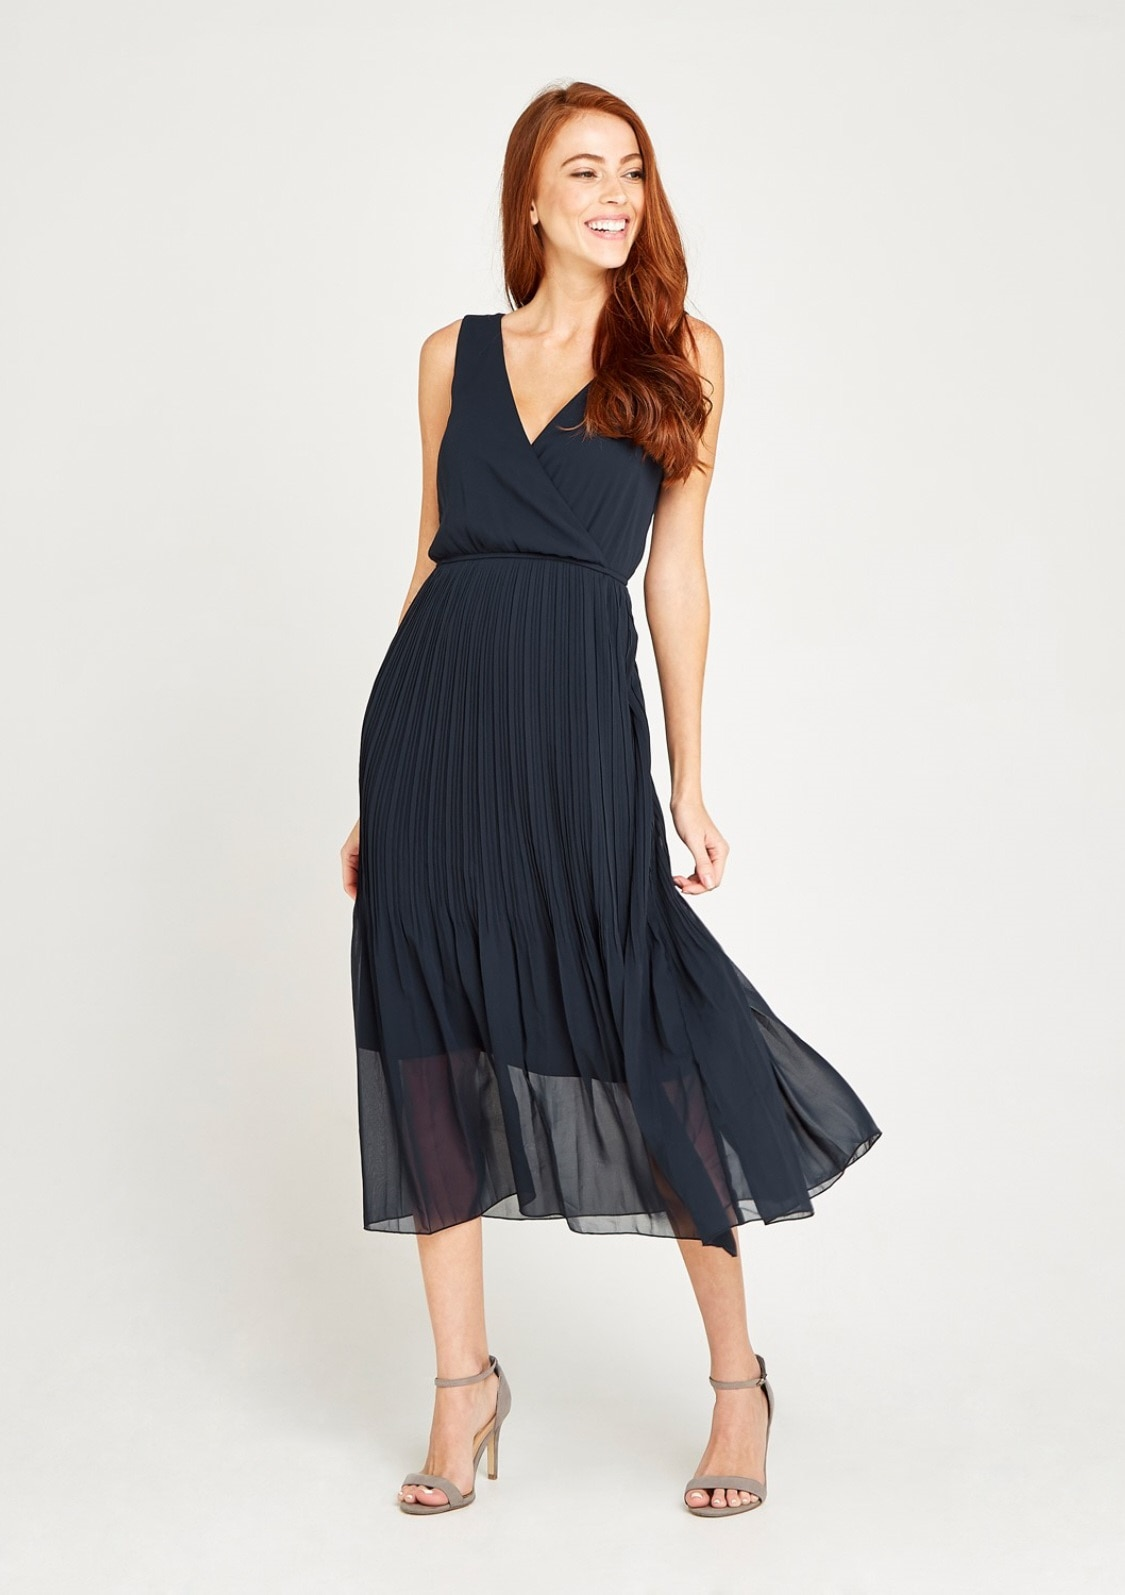 Image of Apricot Chiffonkleid »Chiffon Plisse Midi Dress«